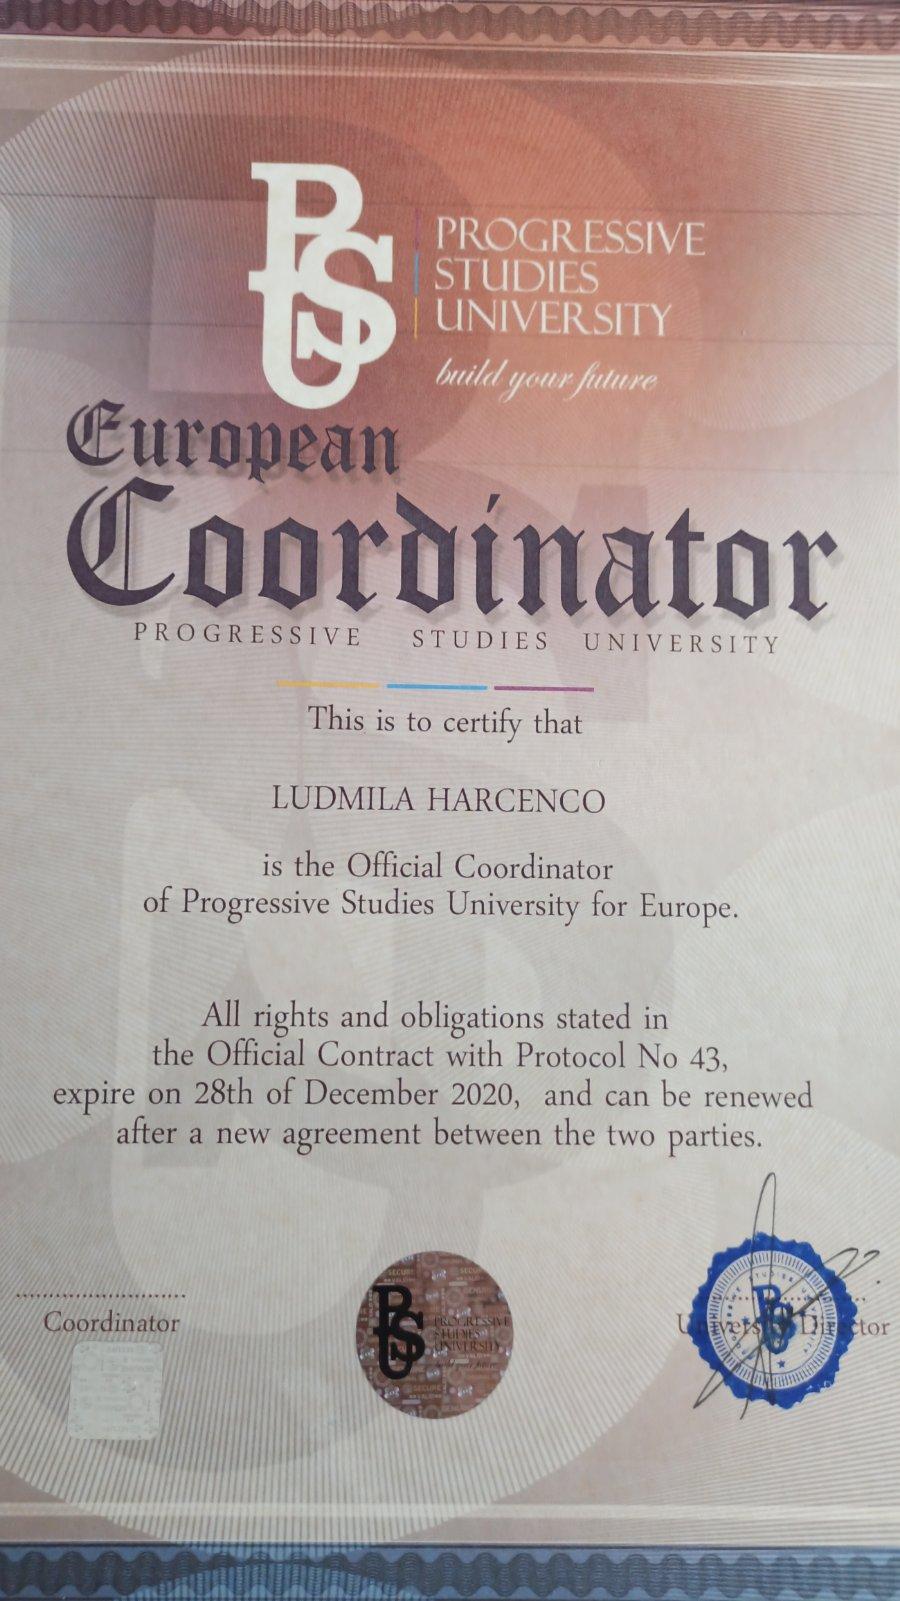 European-Coordinator-Progressive-Studies-University